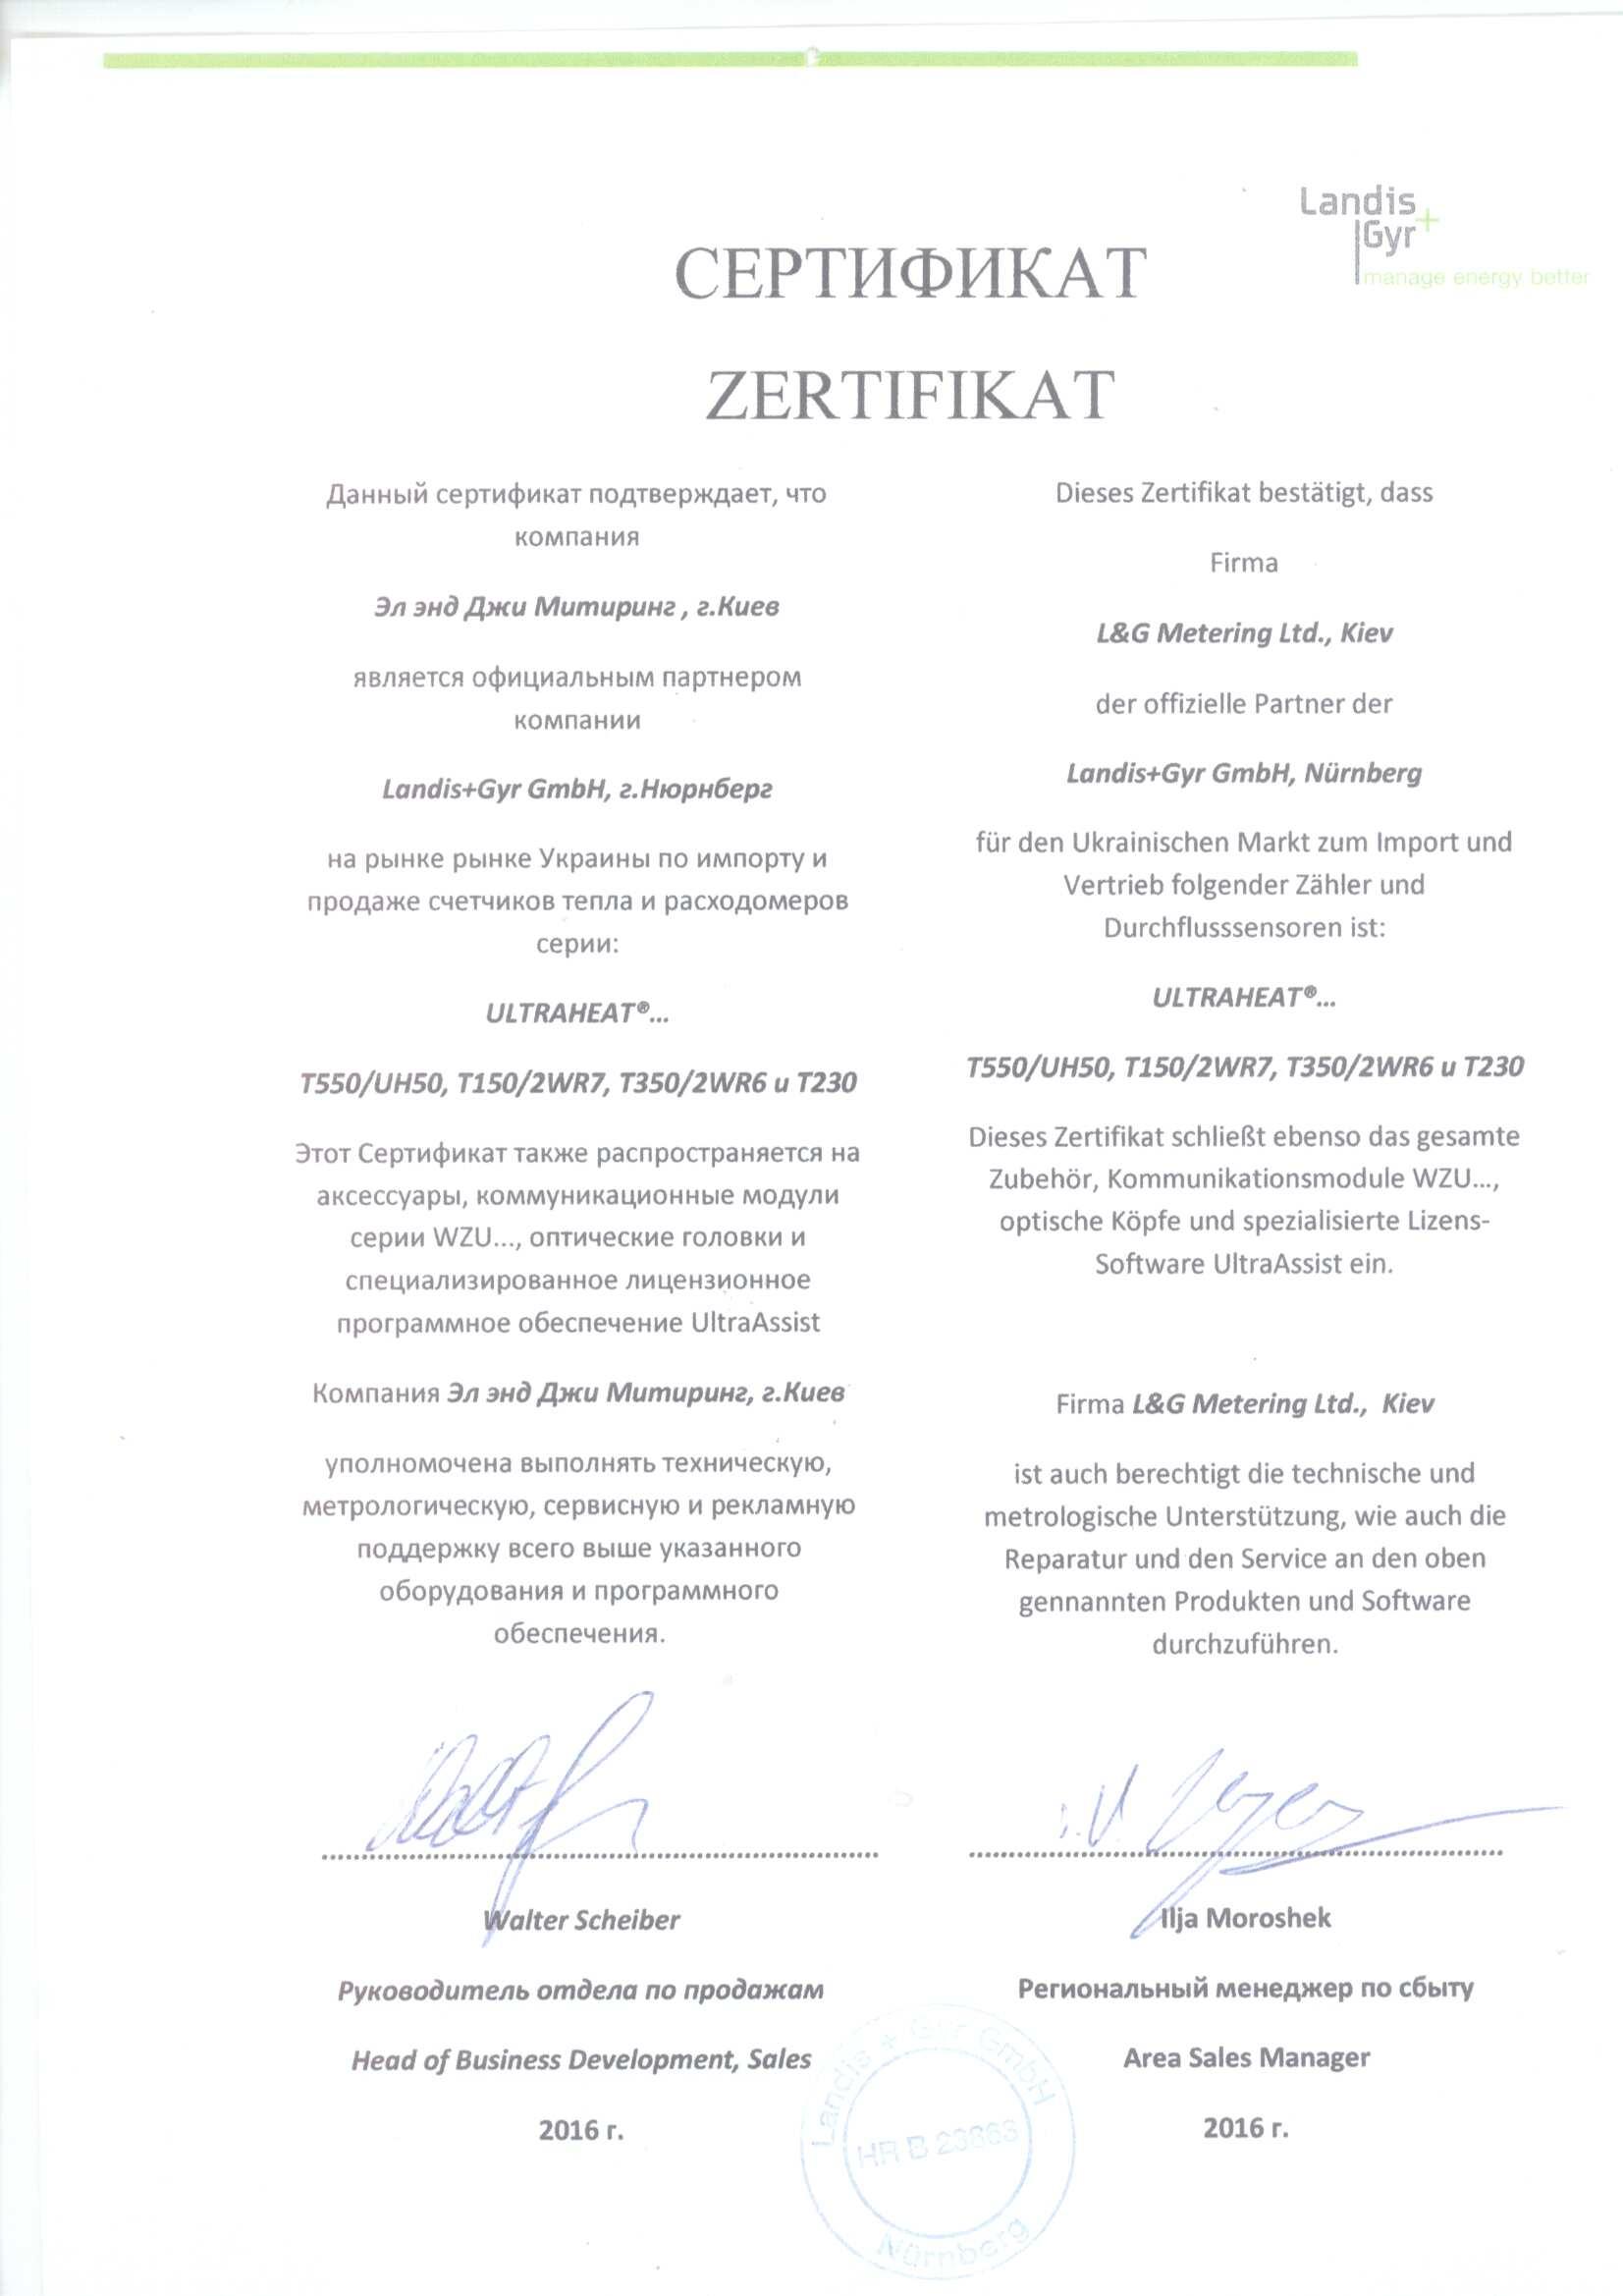 Сертификат Landis+Gyr